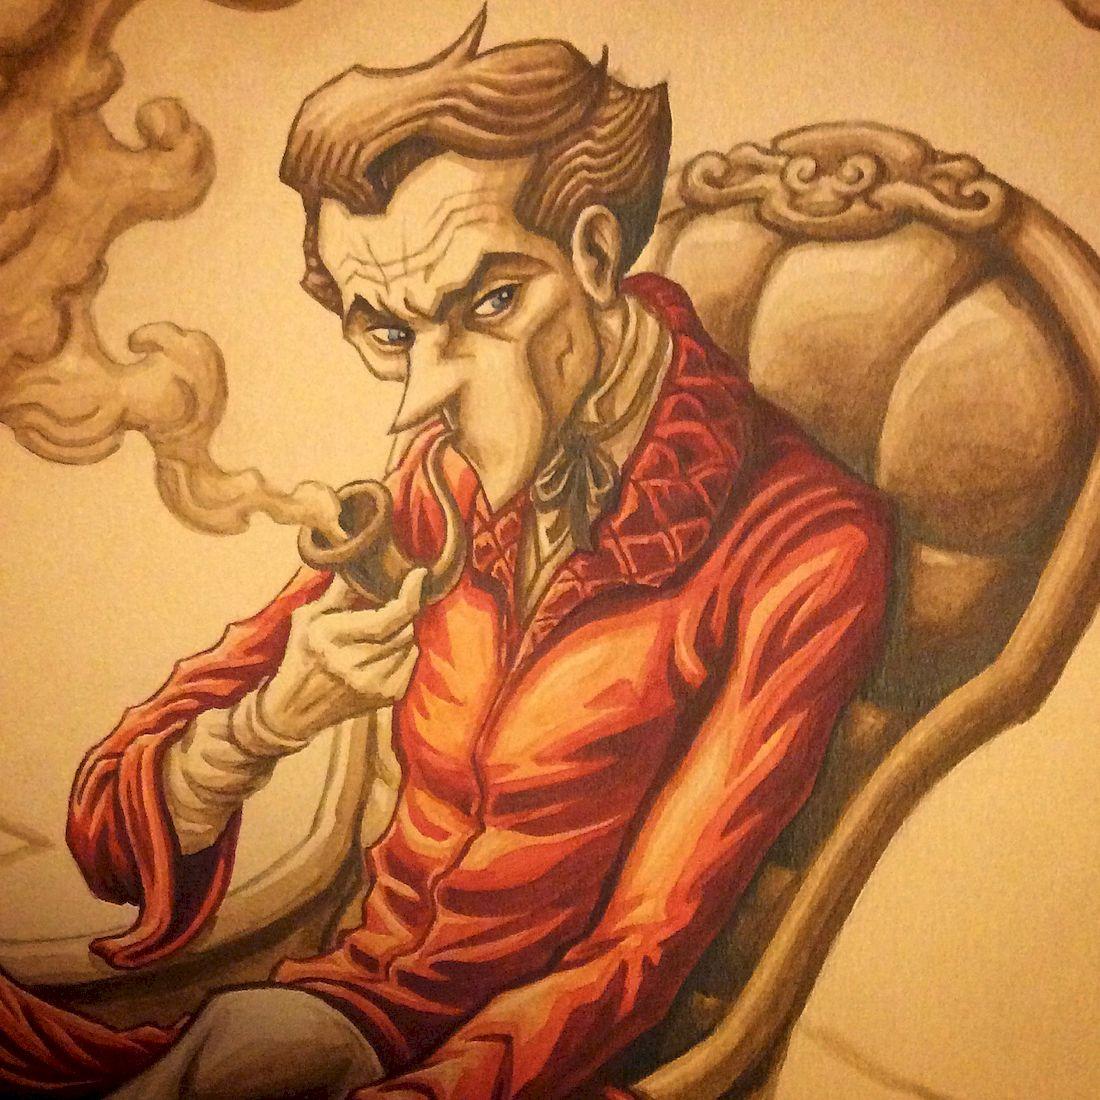 Dans la tête de Sherlock Holmes, gros plan sur une aquarelle © Dahan